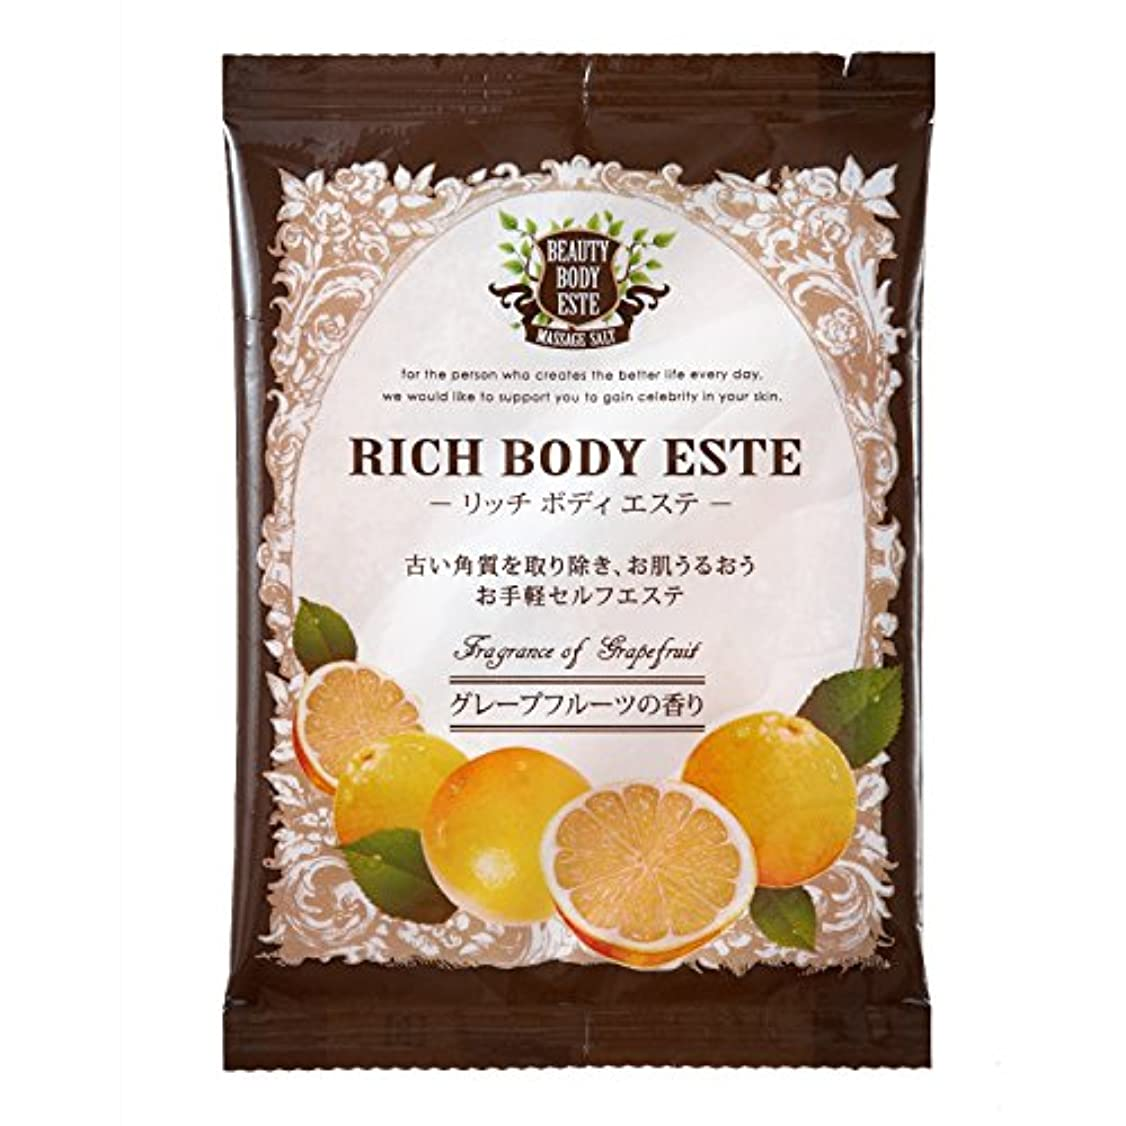 感心する感心するドラフトリッチボディエステ マッサージソルト(グレープフルーツの香り) 50g 50個